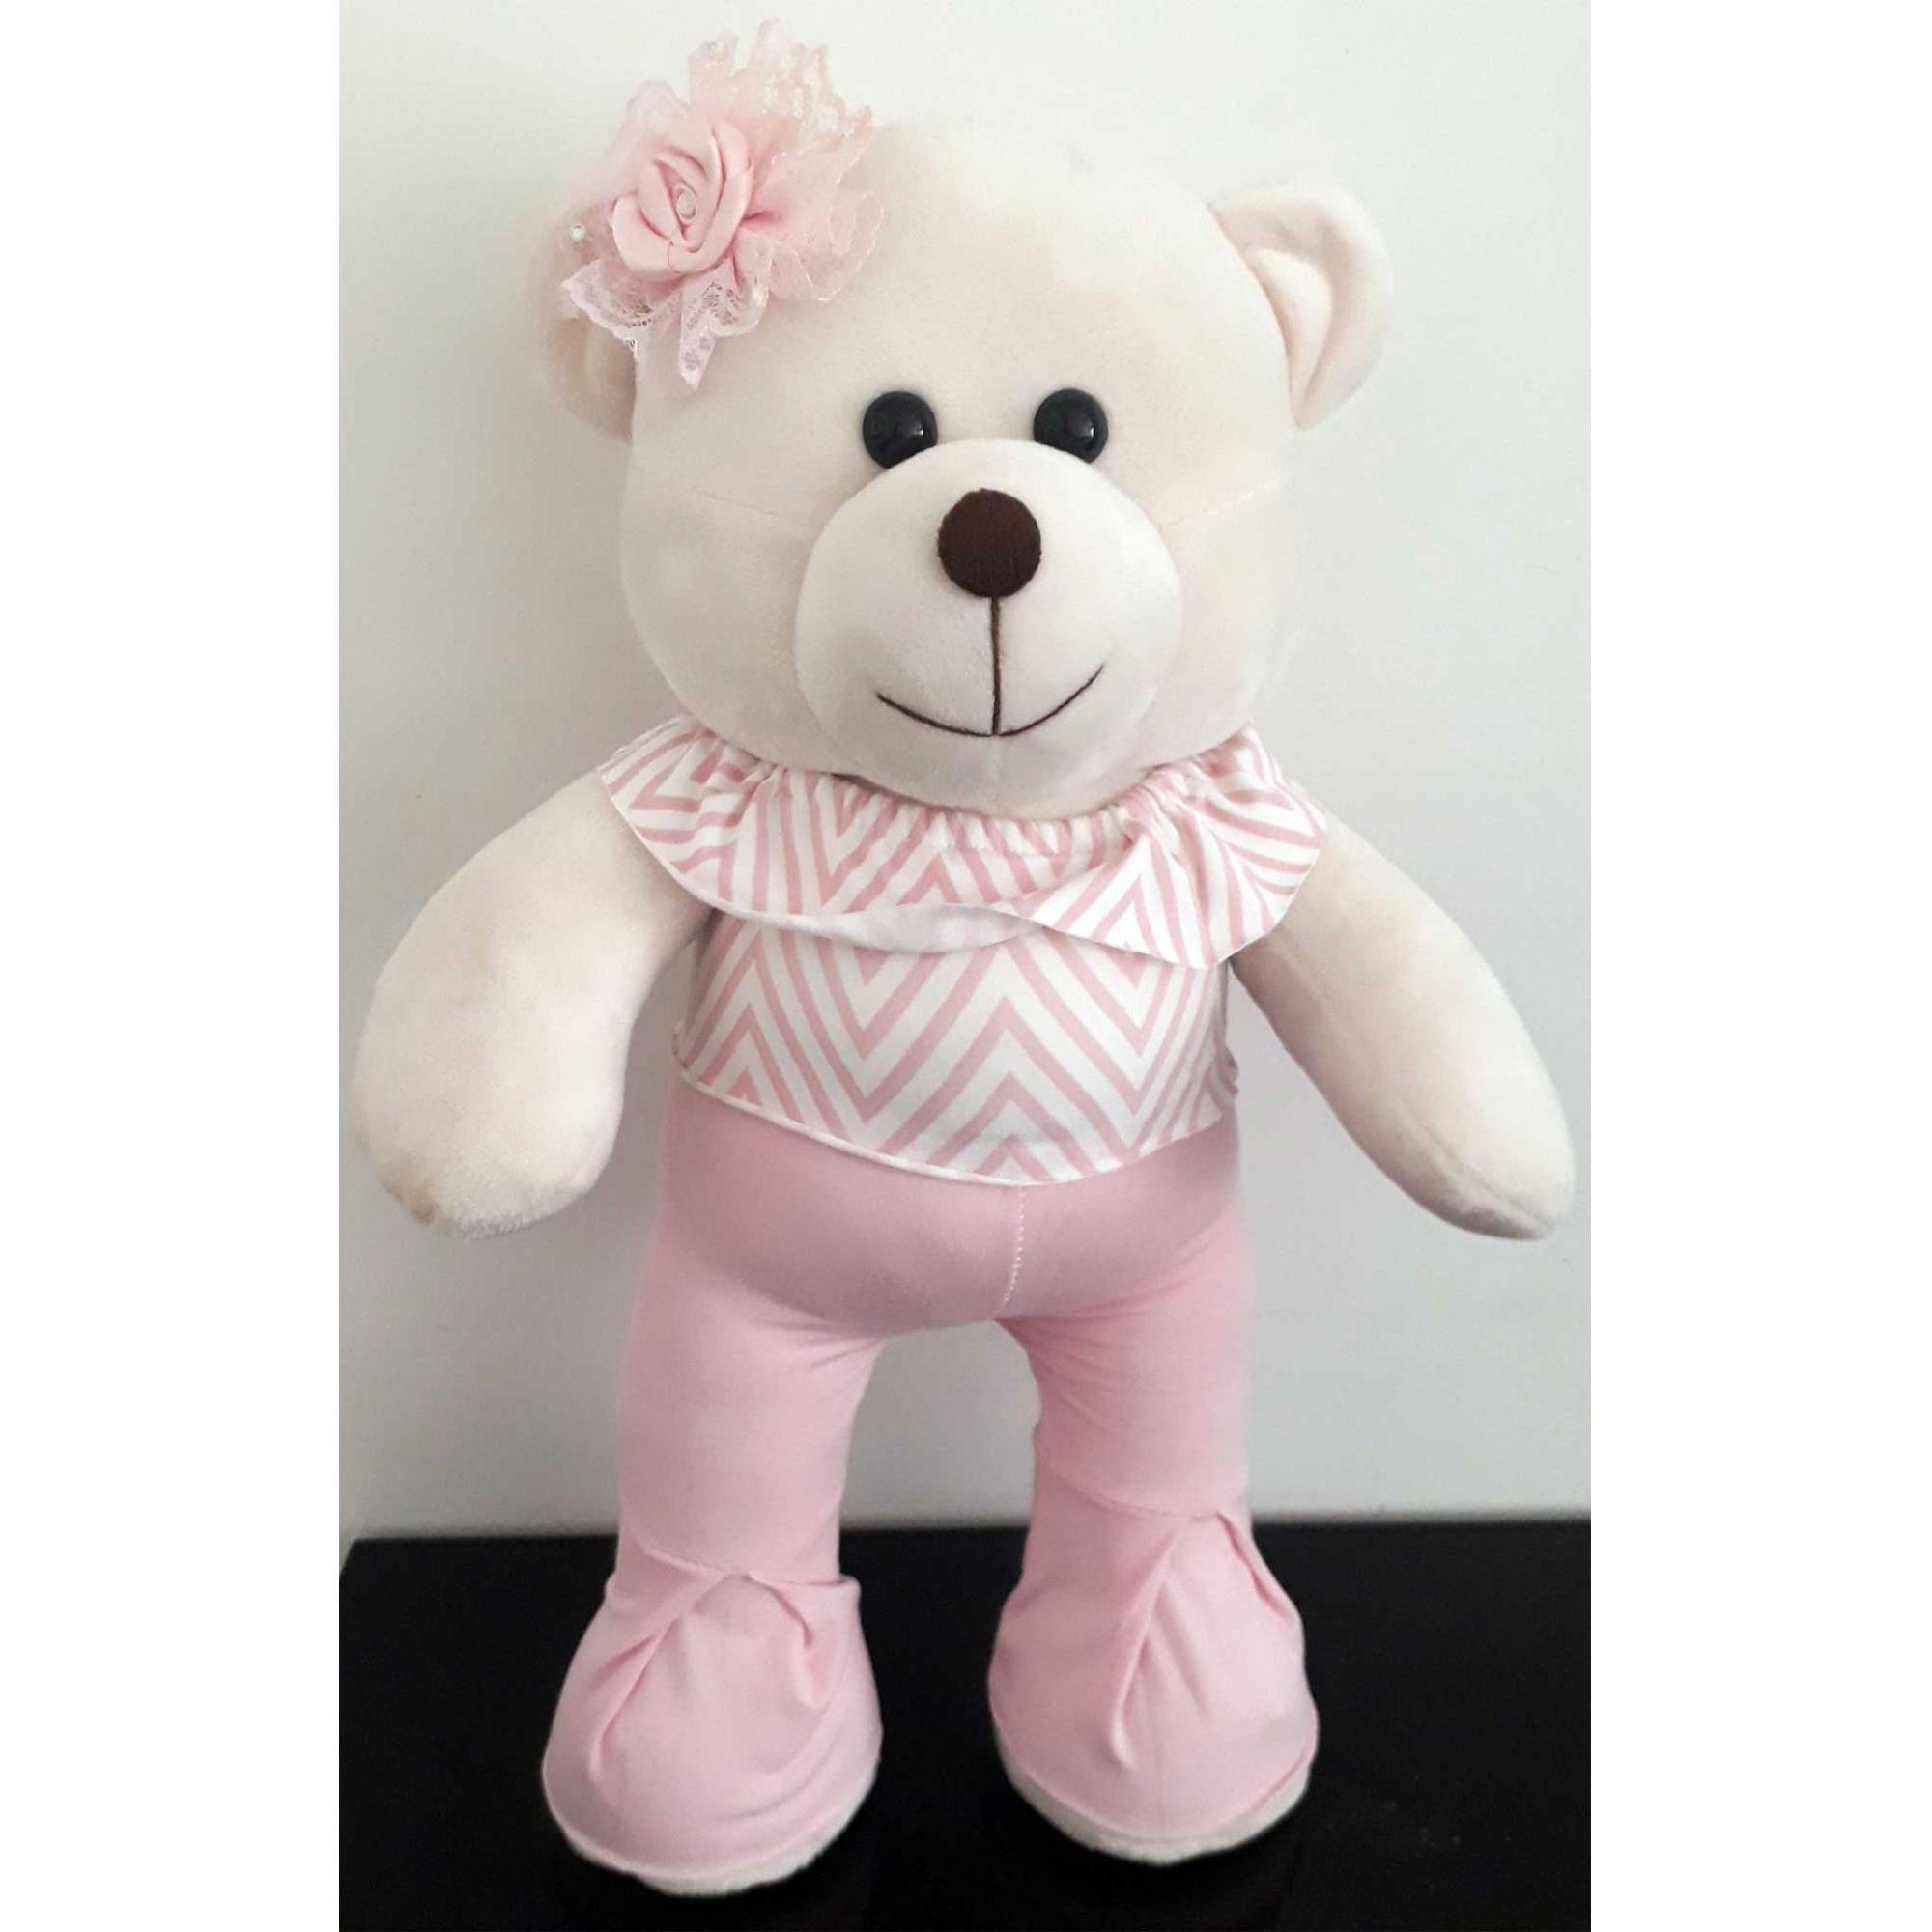 Amiga Ursa de Pelúcia Catarina Fashion na Moda 45cm Ursinho Ursinha Urso Meigo Inseparável Com Roupinha e Lacinho Rosa ! Crie seu Amigo !